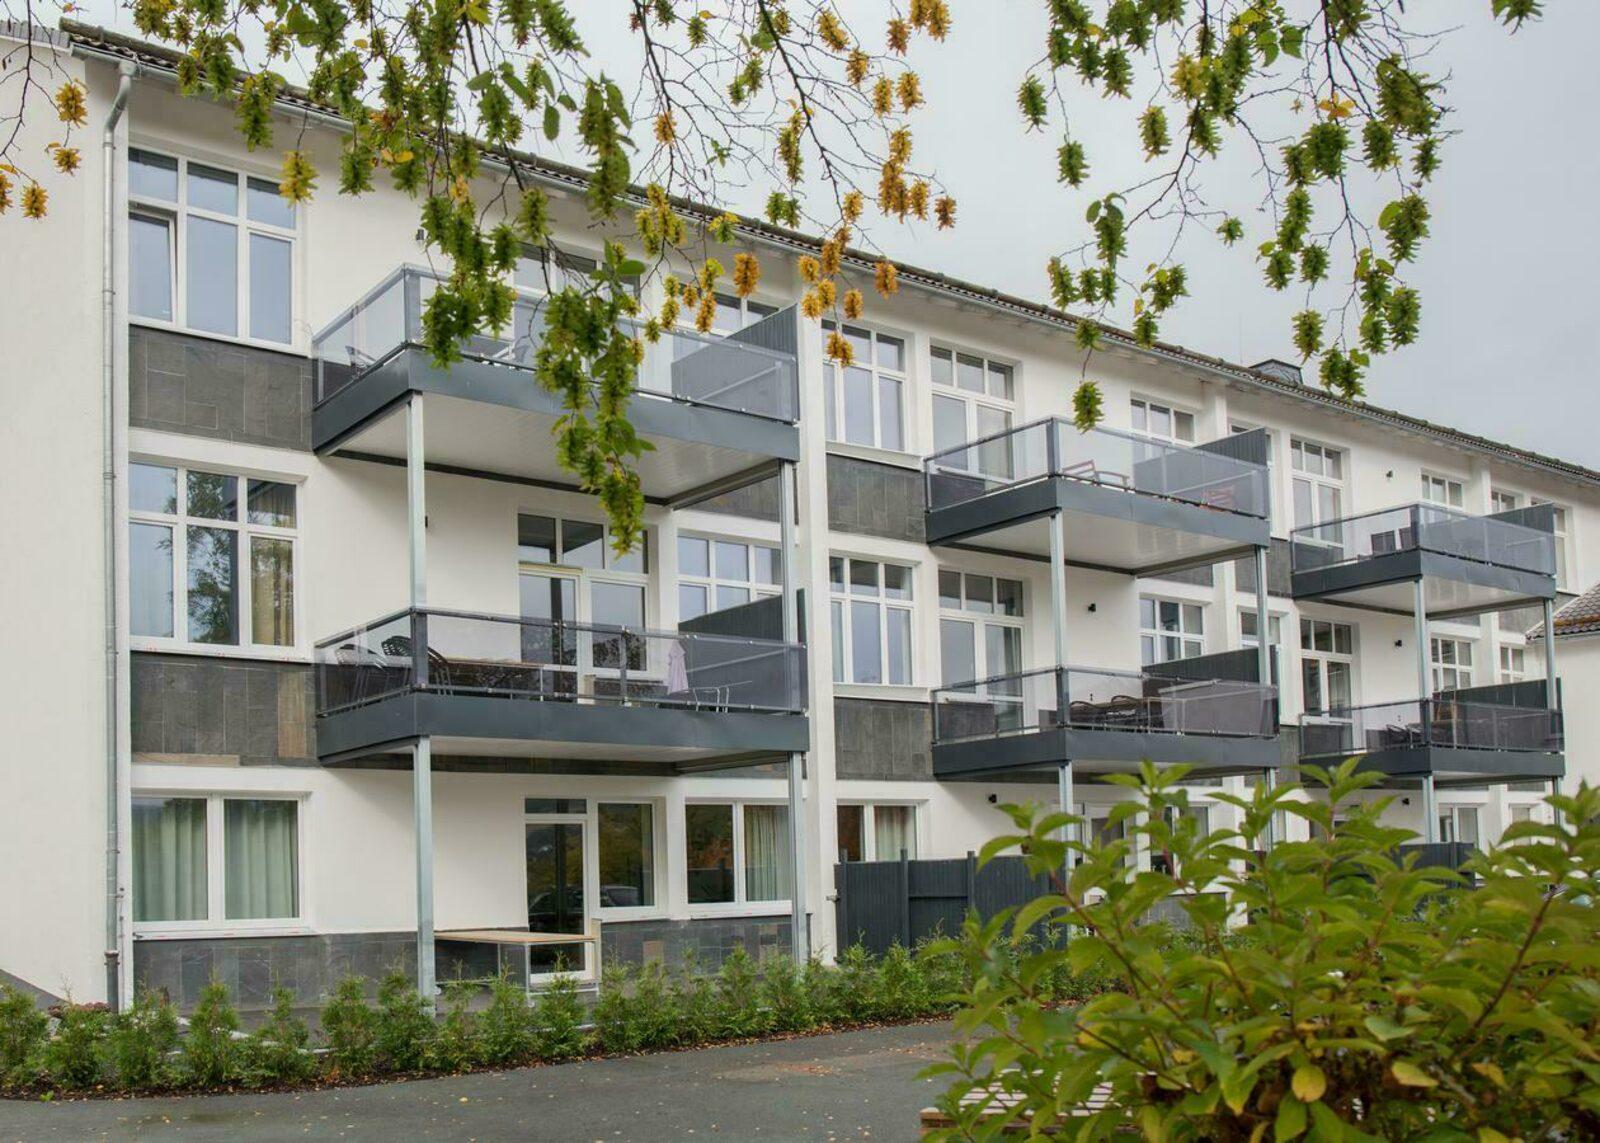 Appartment -  Dechandt-Dobbererstrasse 13 | Winterberg-Zuschen 'Der Alte Schule'